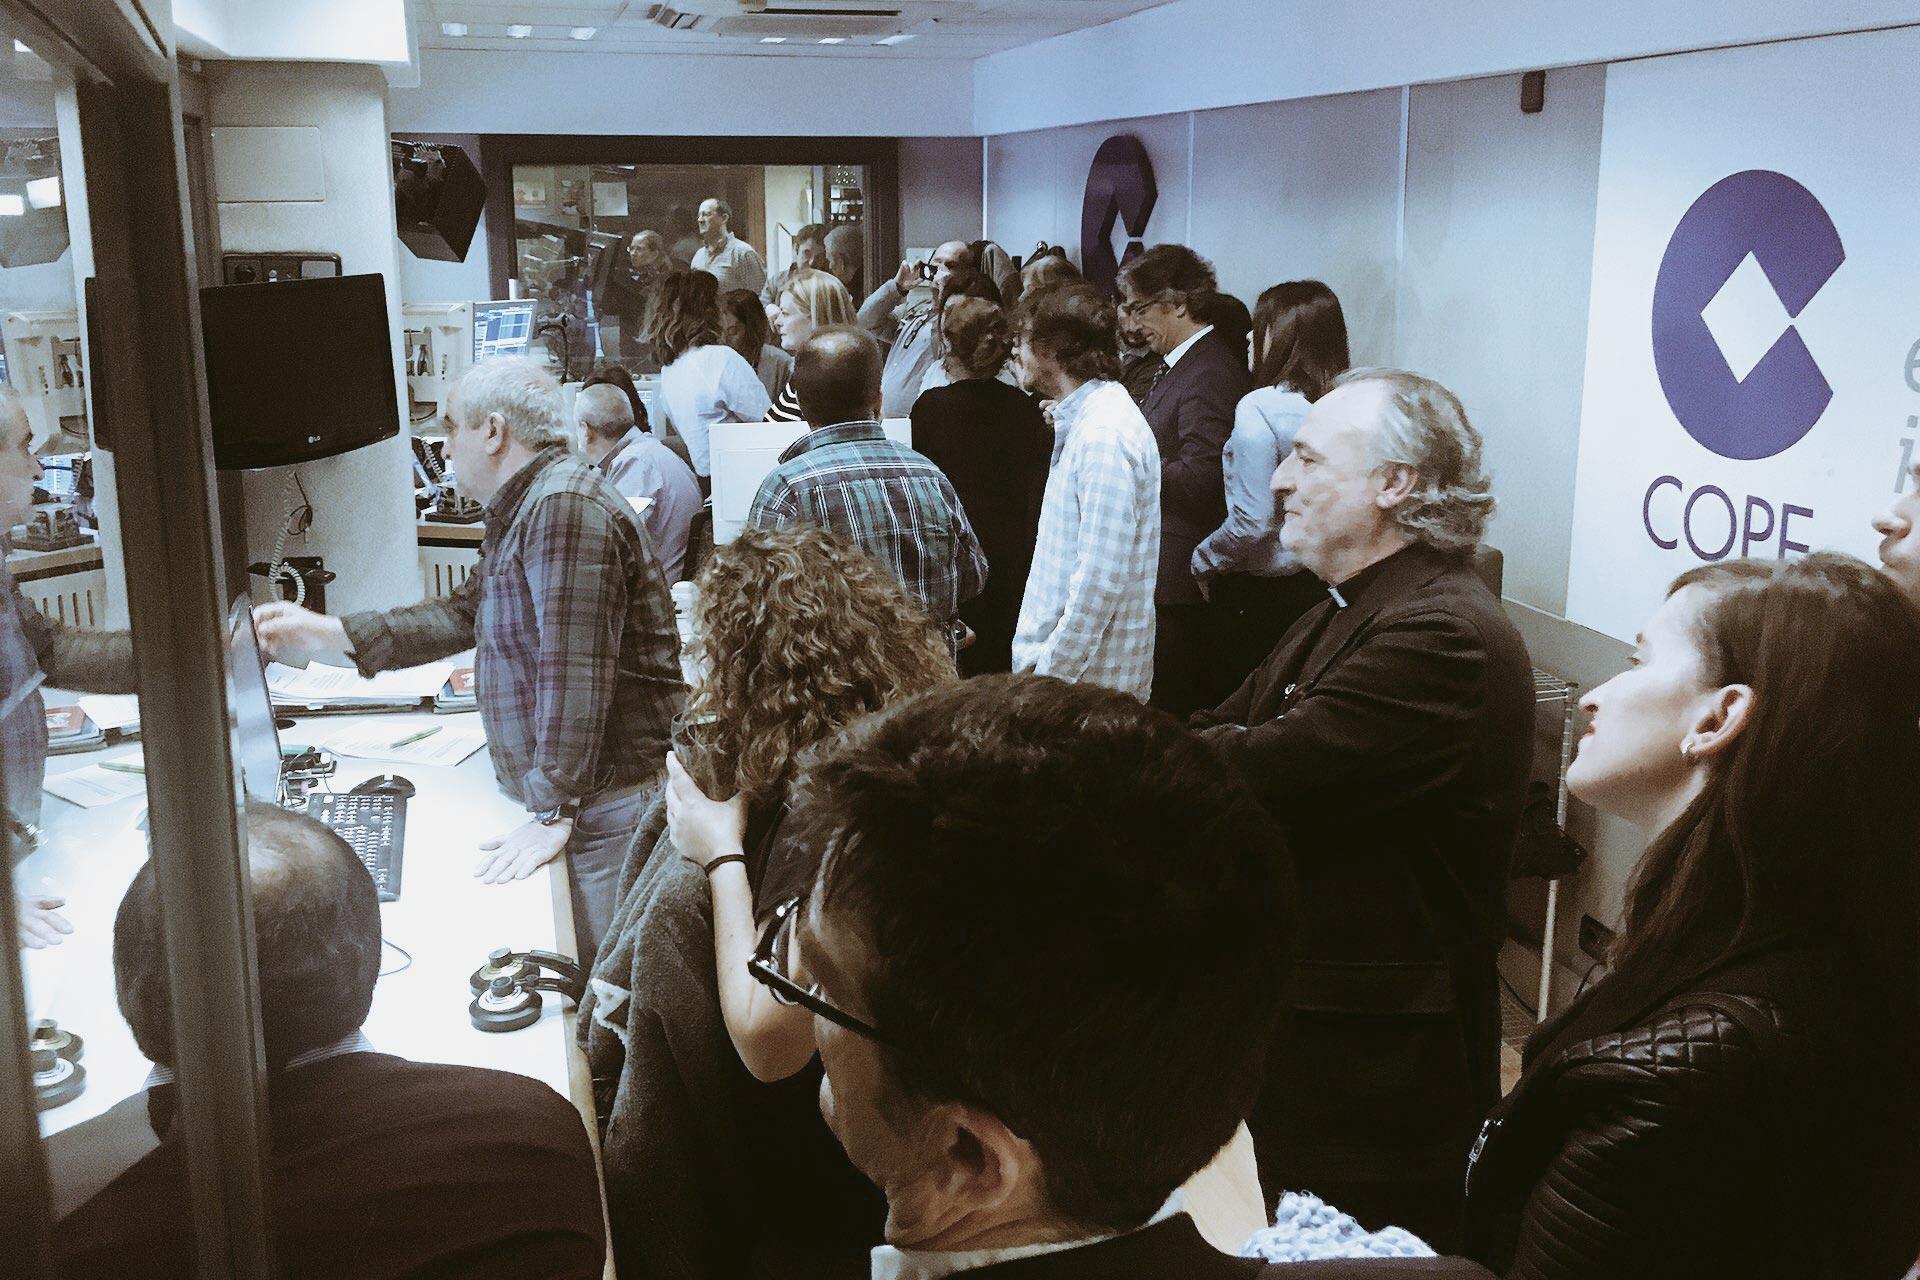 El control del estudio principal e COPE lleno de espectadores de la entrevista a 4 en el día mundial de la radio